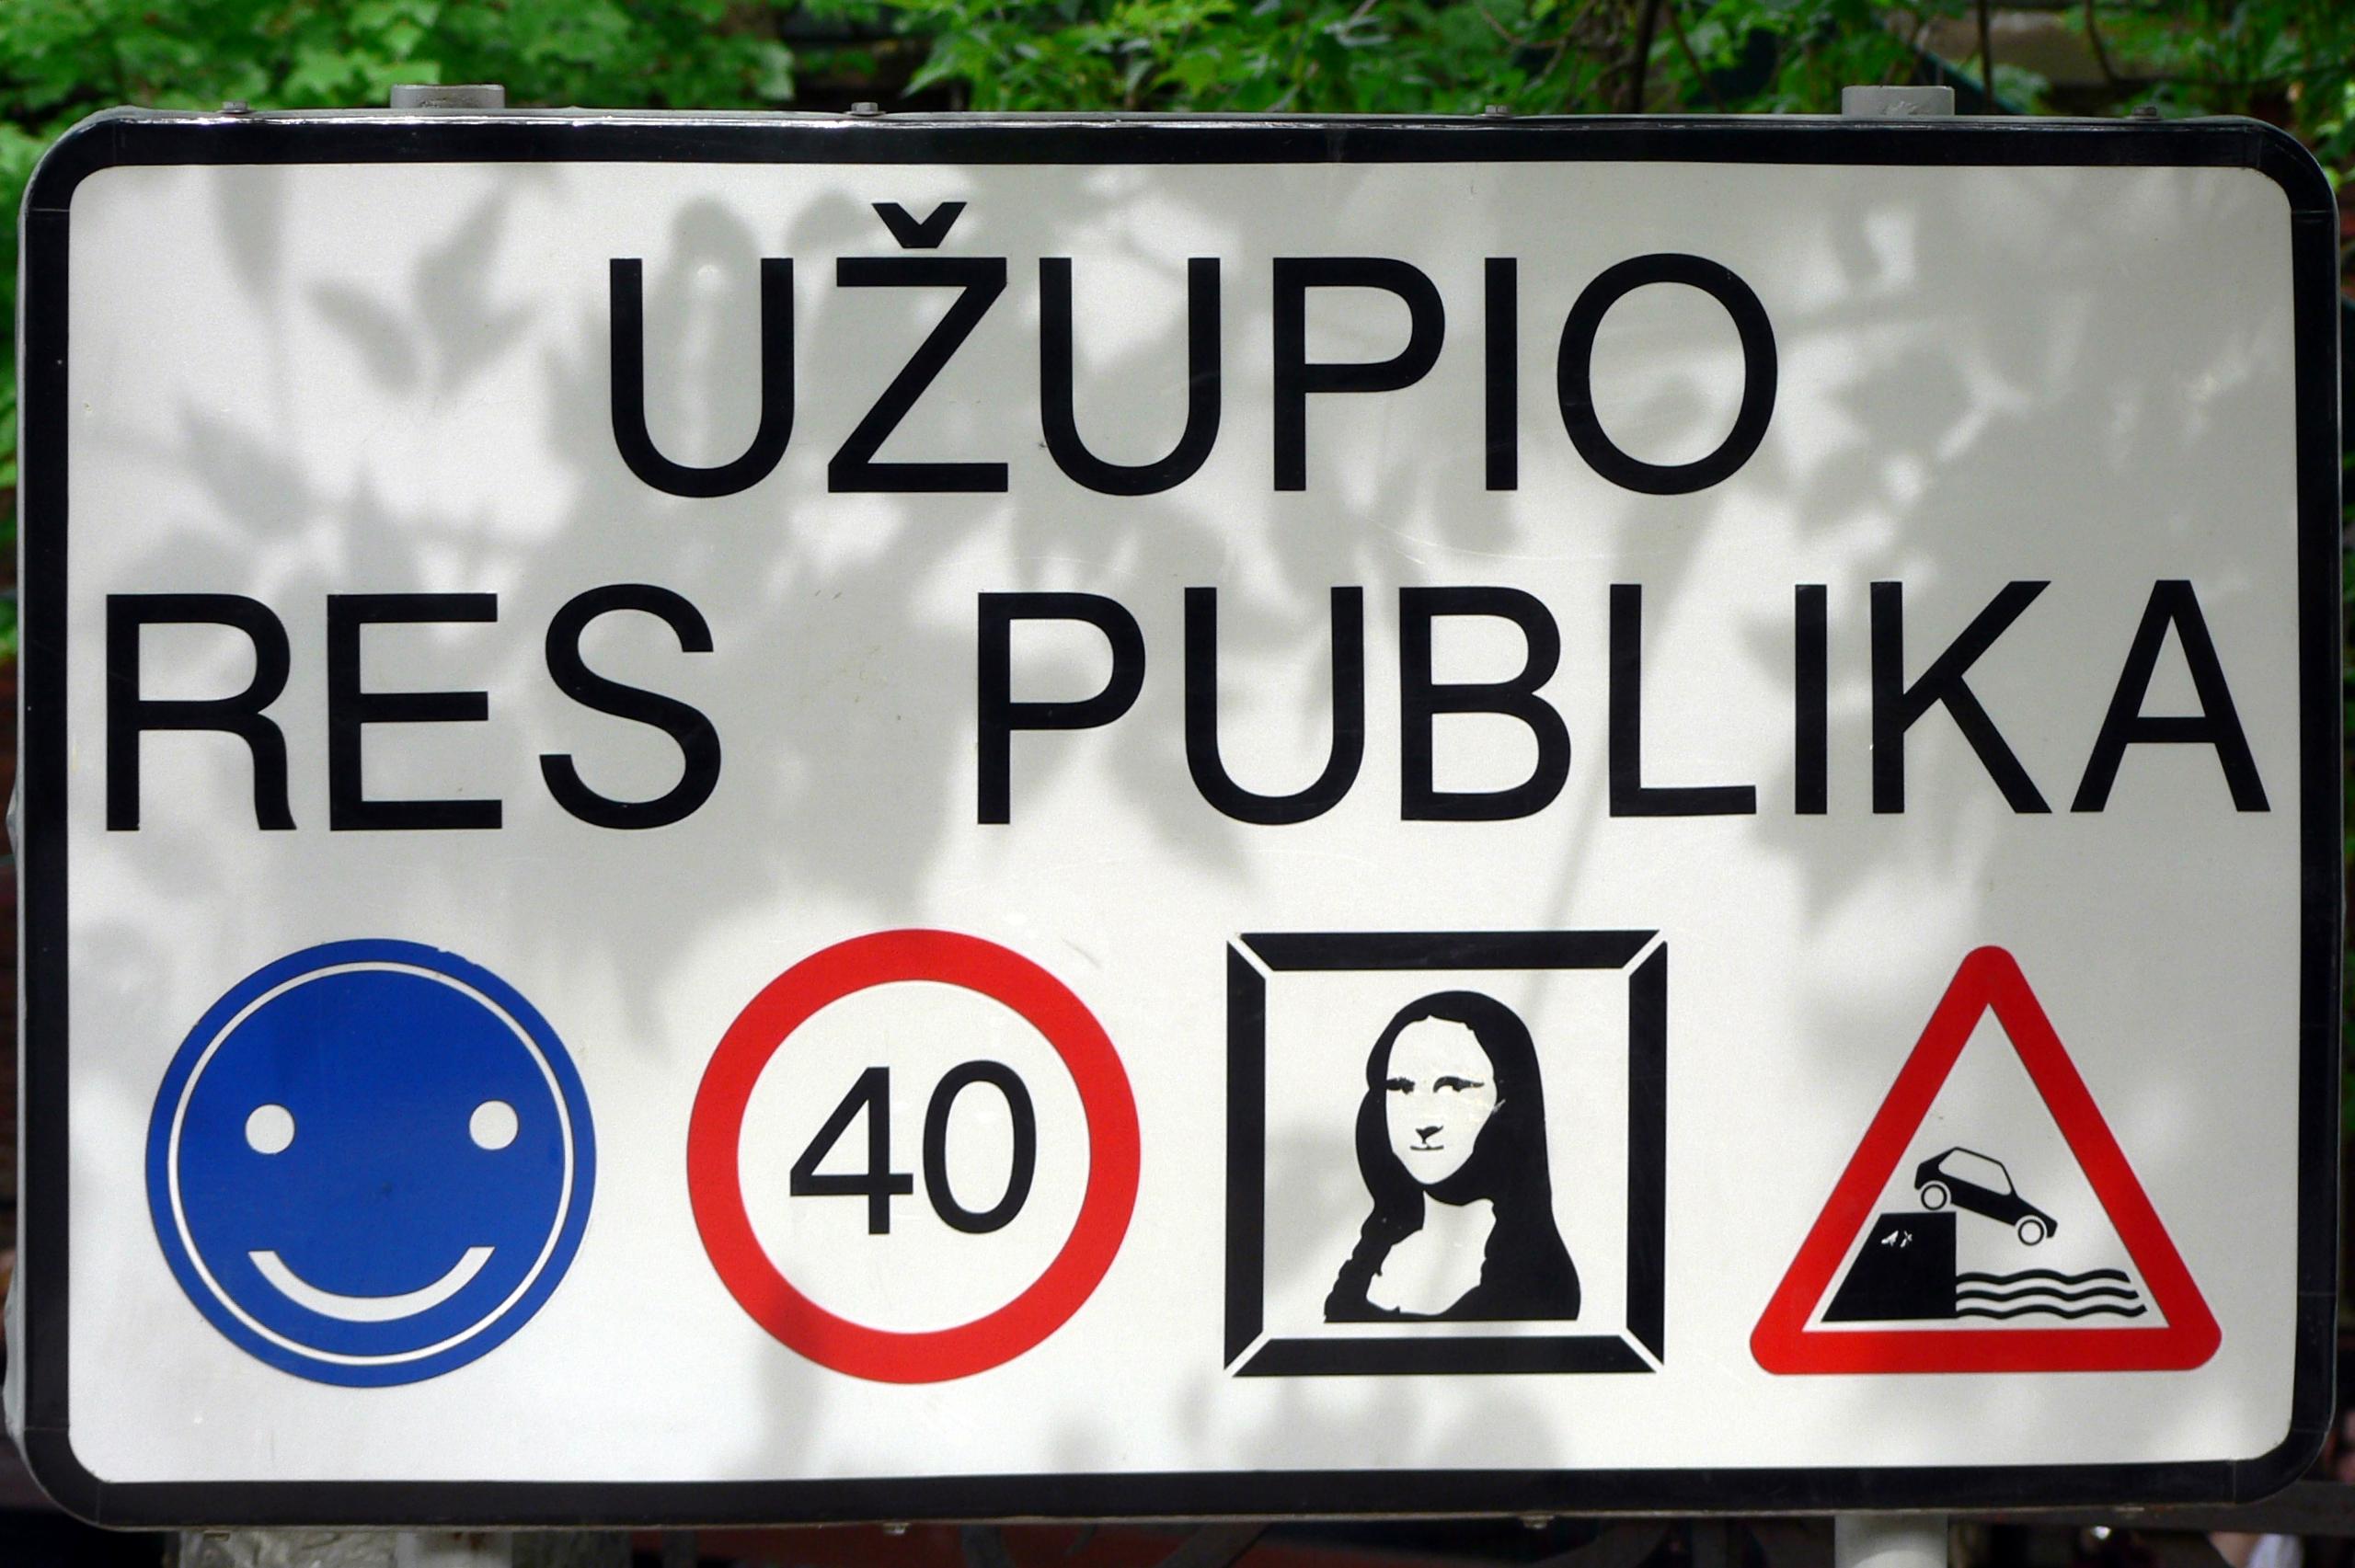 Weißes Schild vor grünes Busch, Aufschrift: Uzupio Res Publika. Untere Reihe von links: Smiley, Tempo 30, Mona Lisa, Warndreieck Auto an Mauer kippt in Wasser.